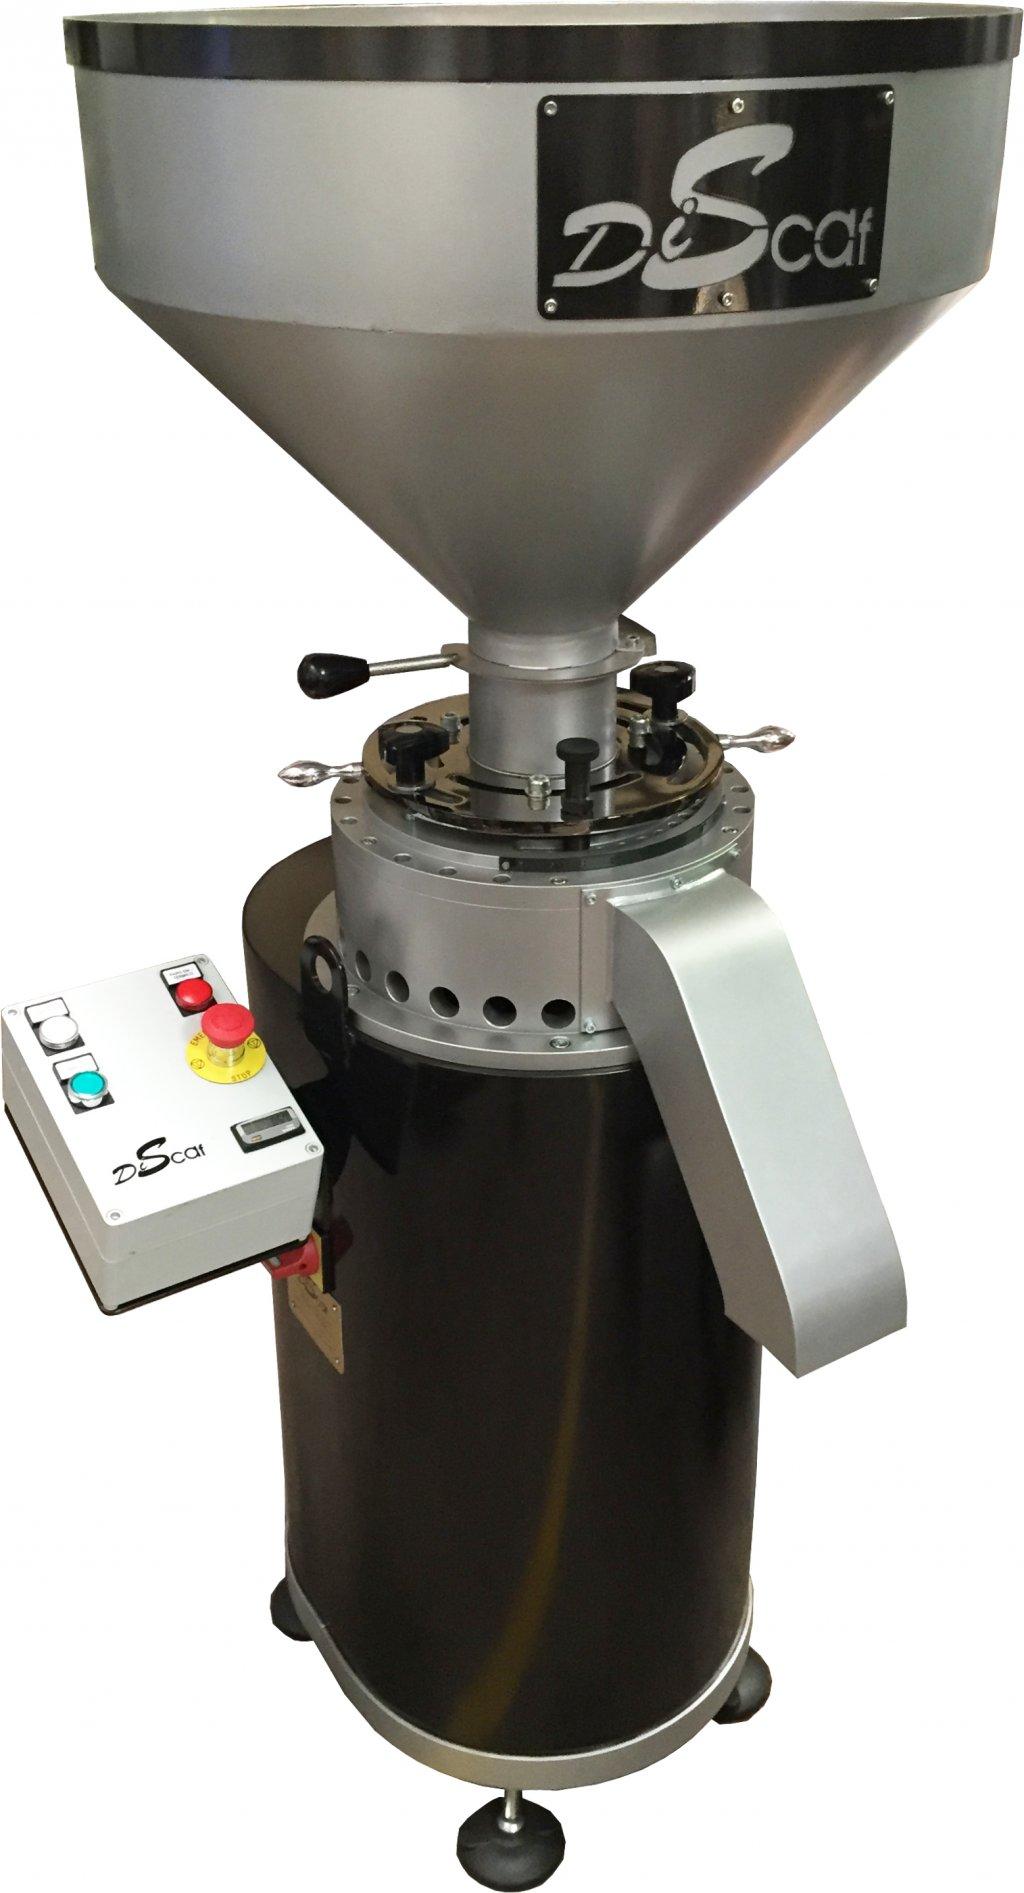 نتیجه تصویری برای molinos de fresas cafe industria